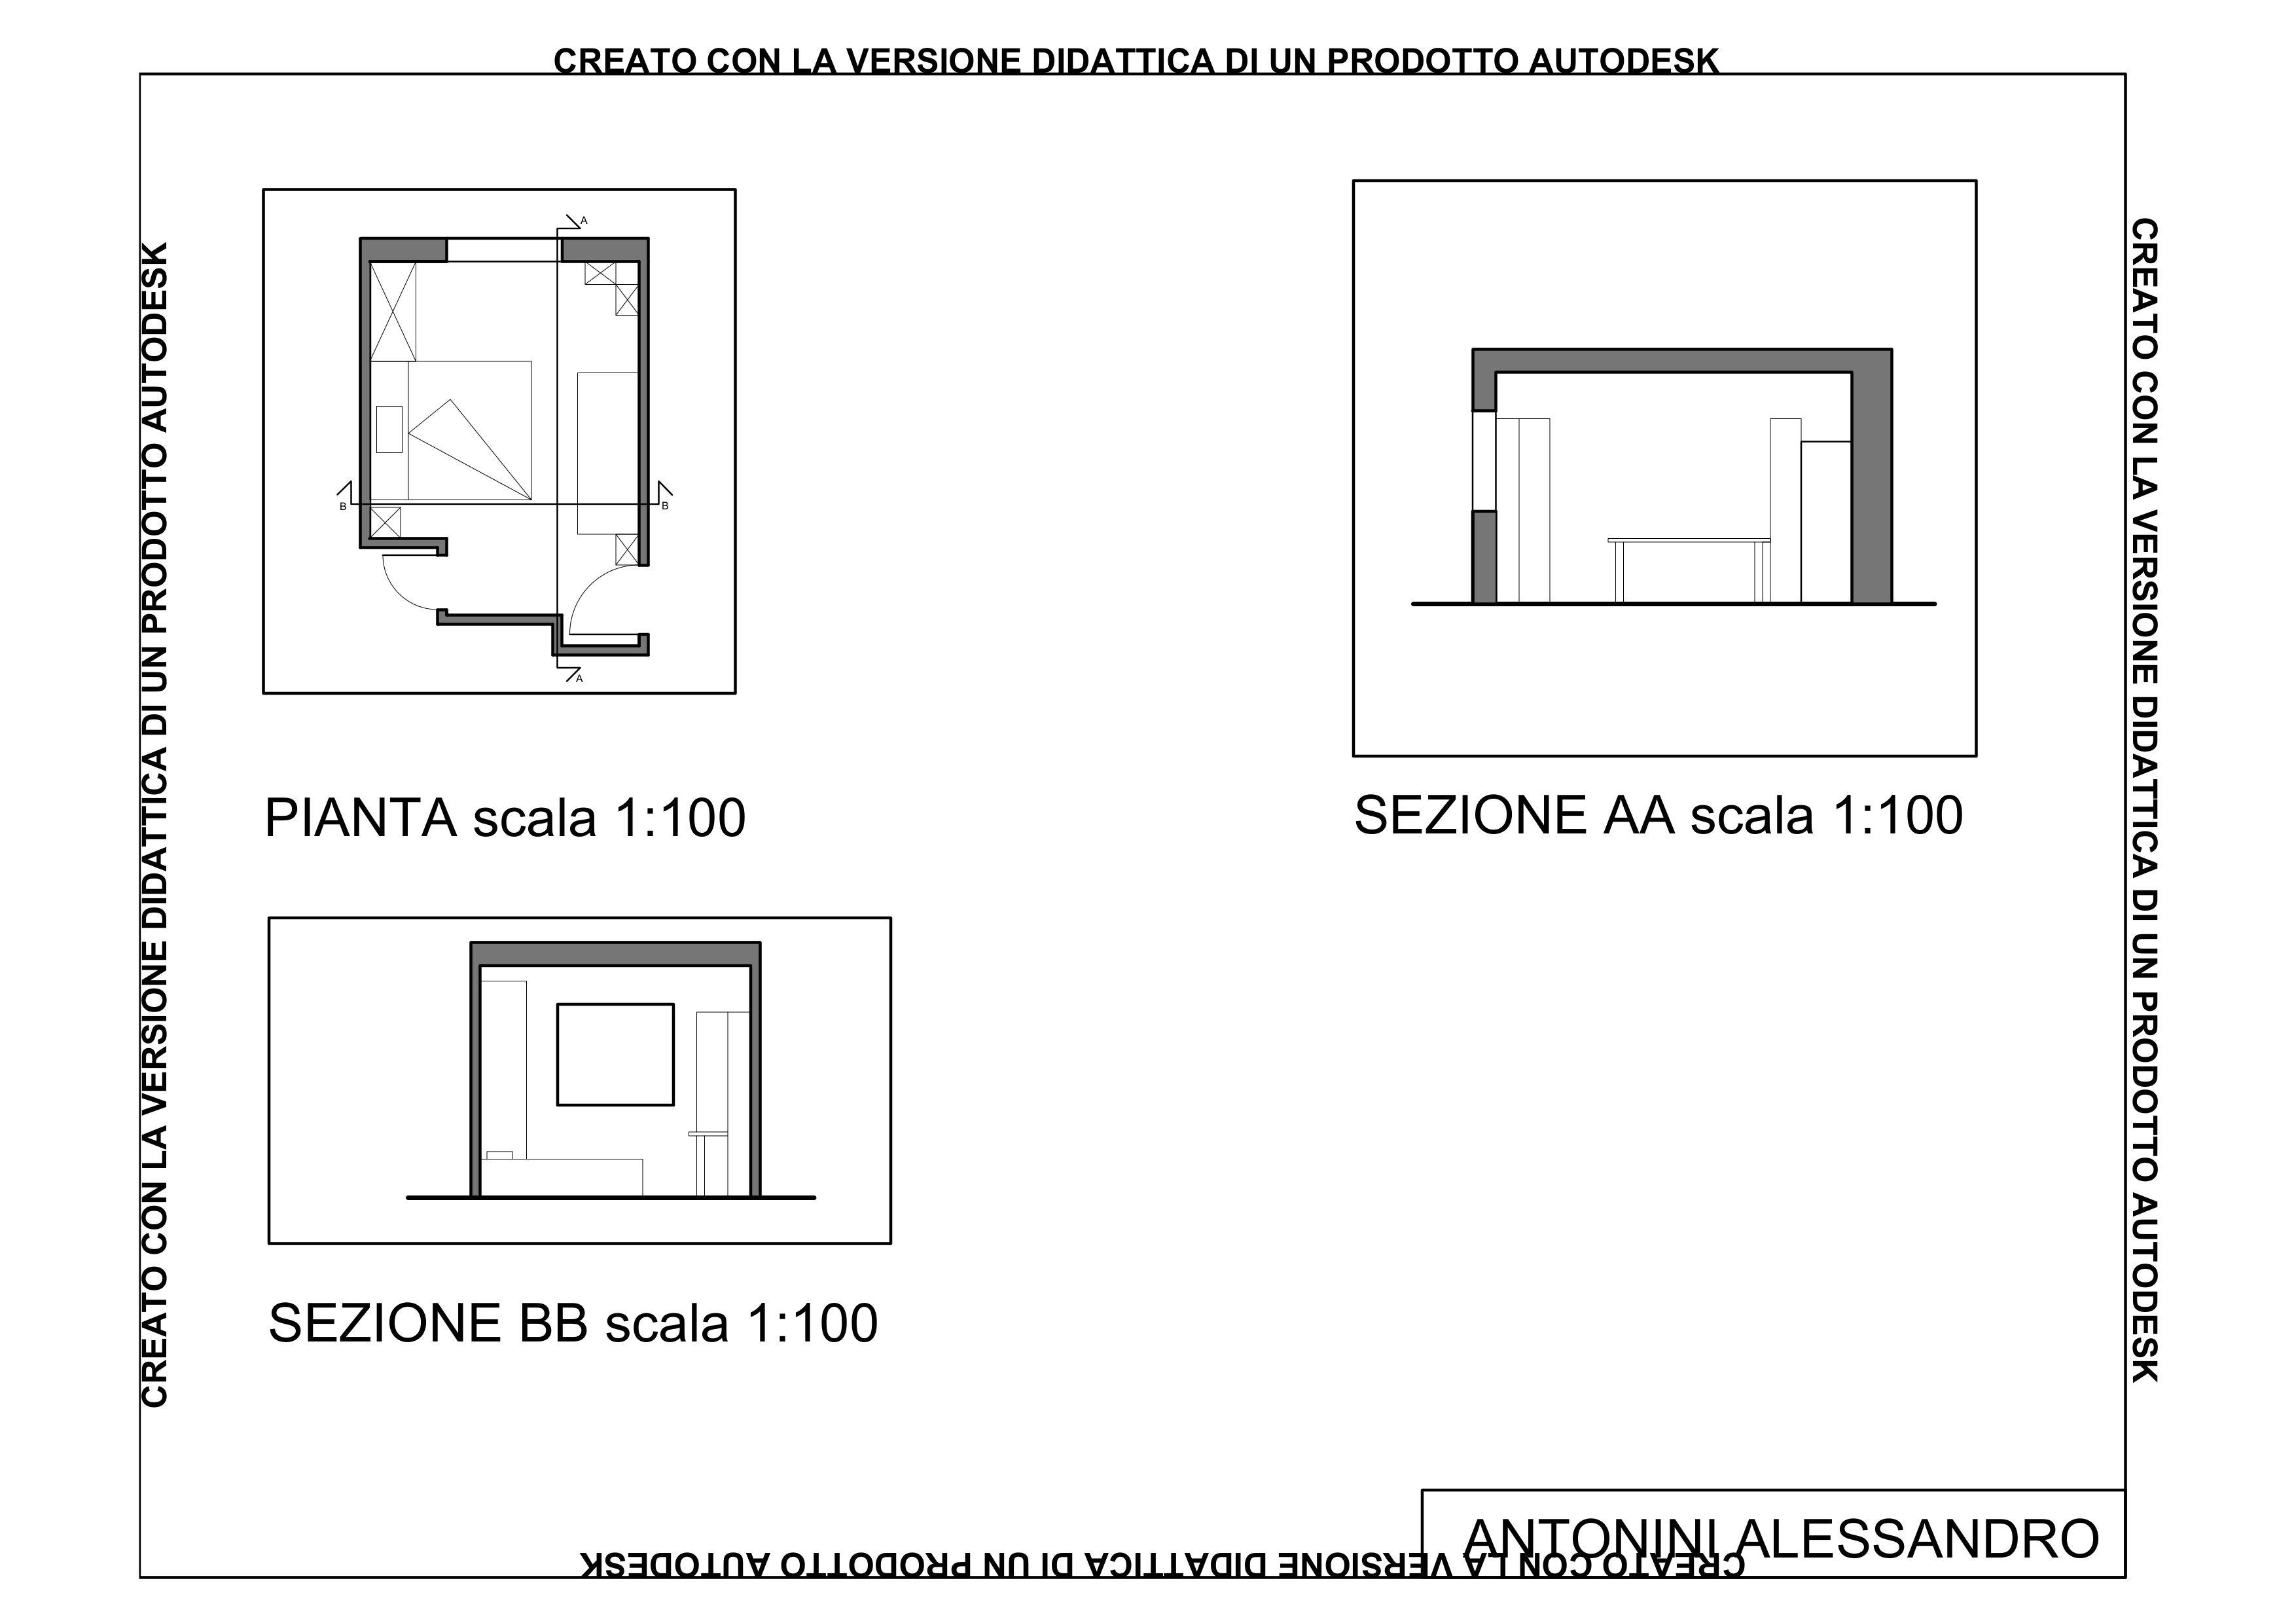 Camera da letto in pianta con due sezioni, scala 1:100 ...